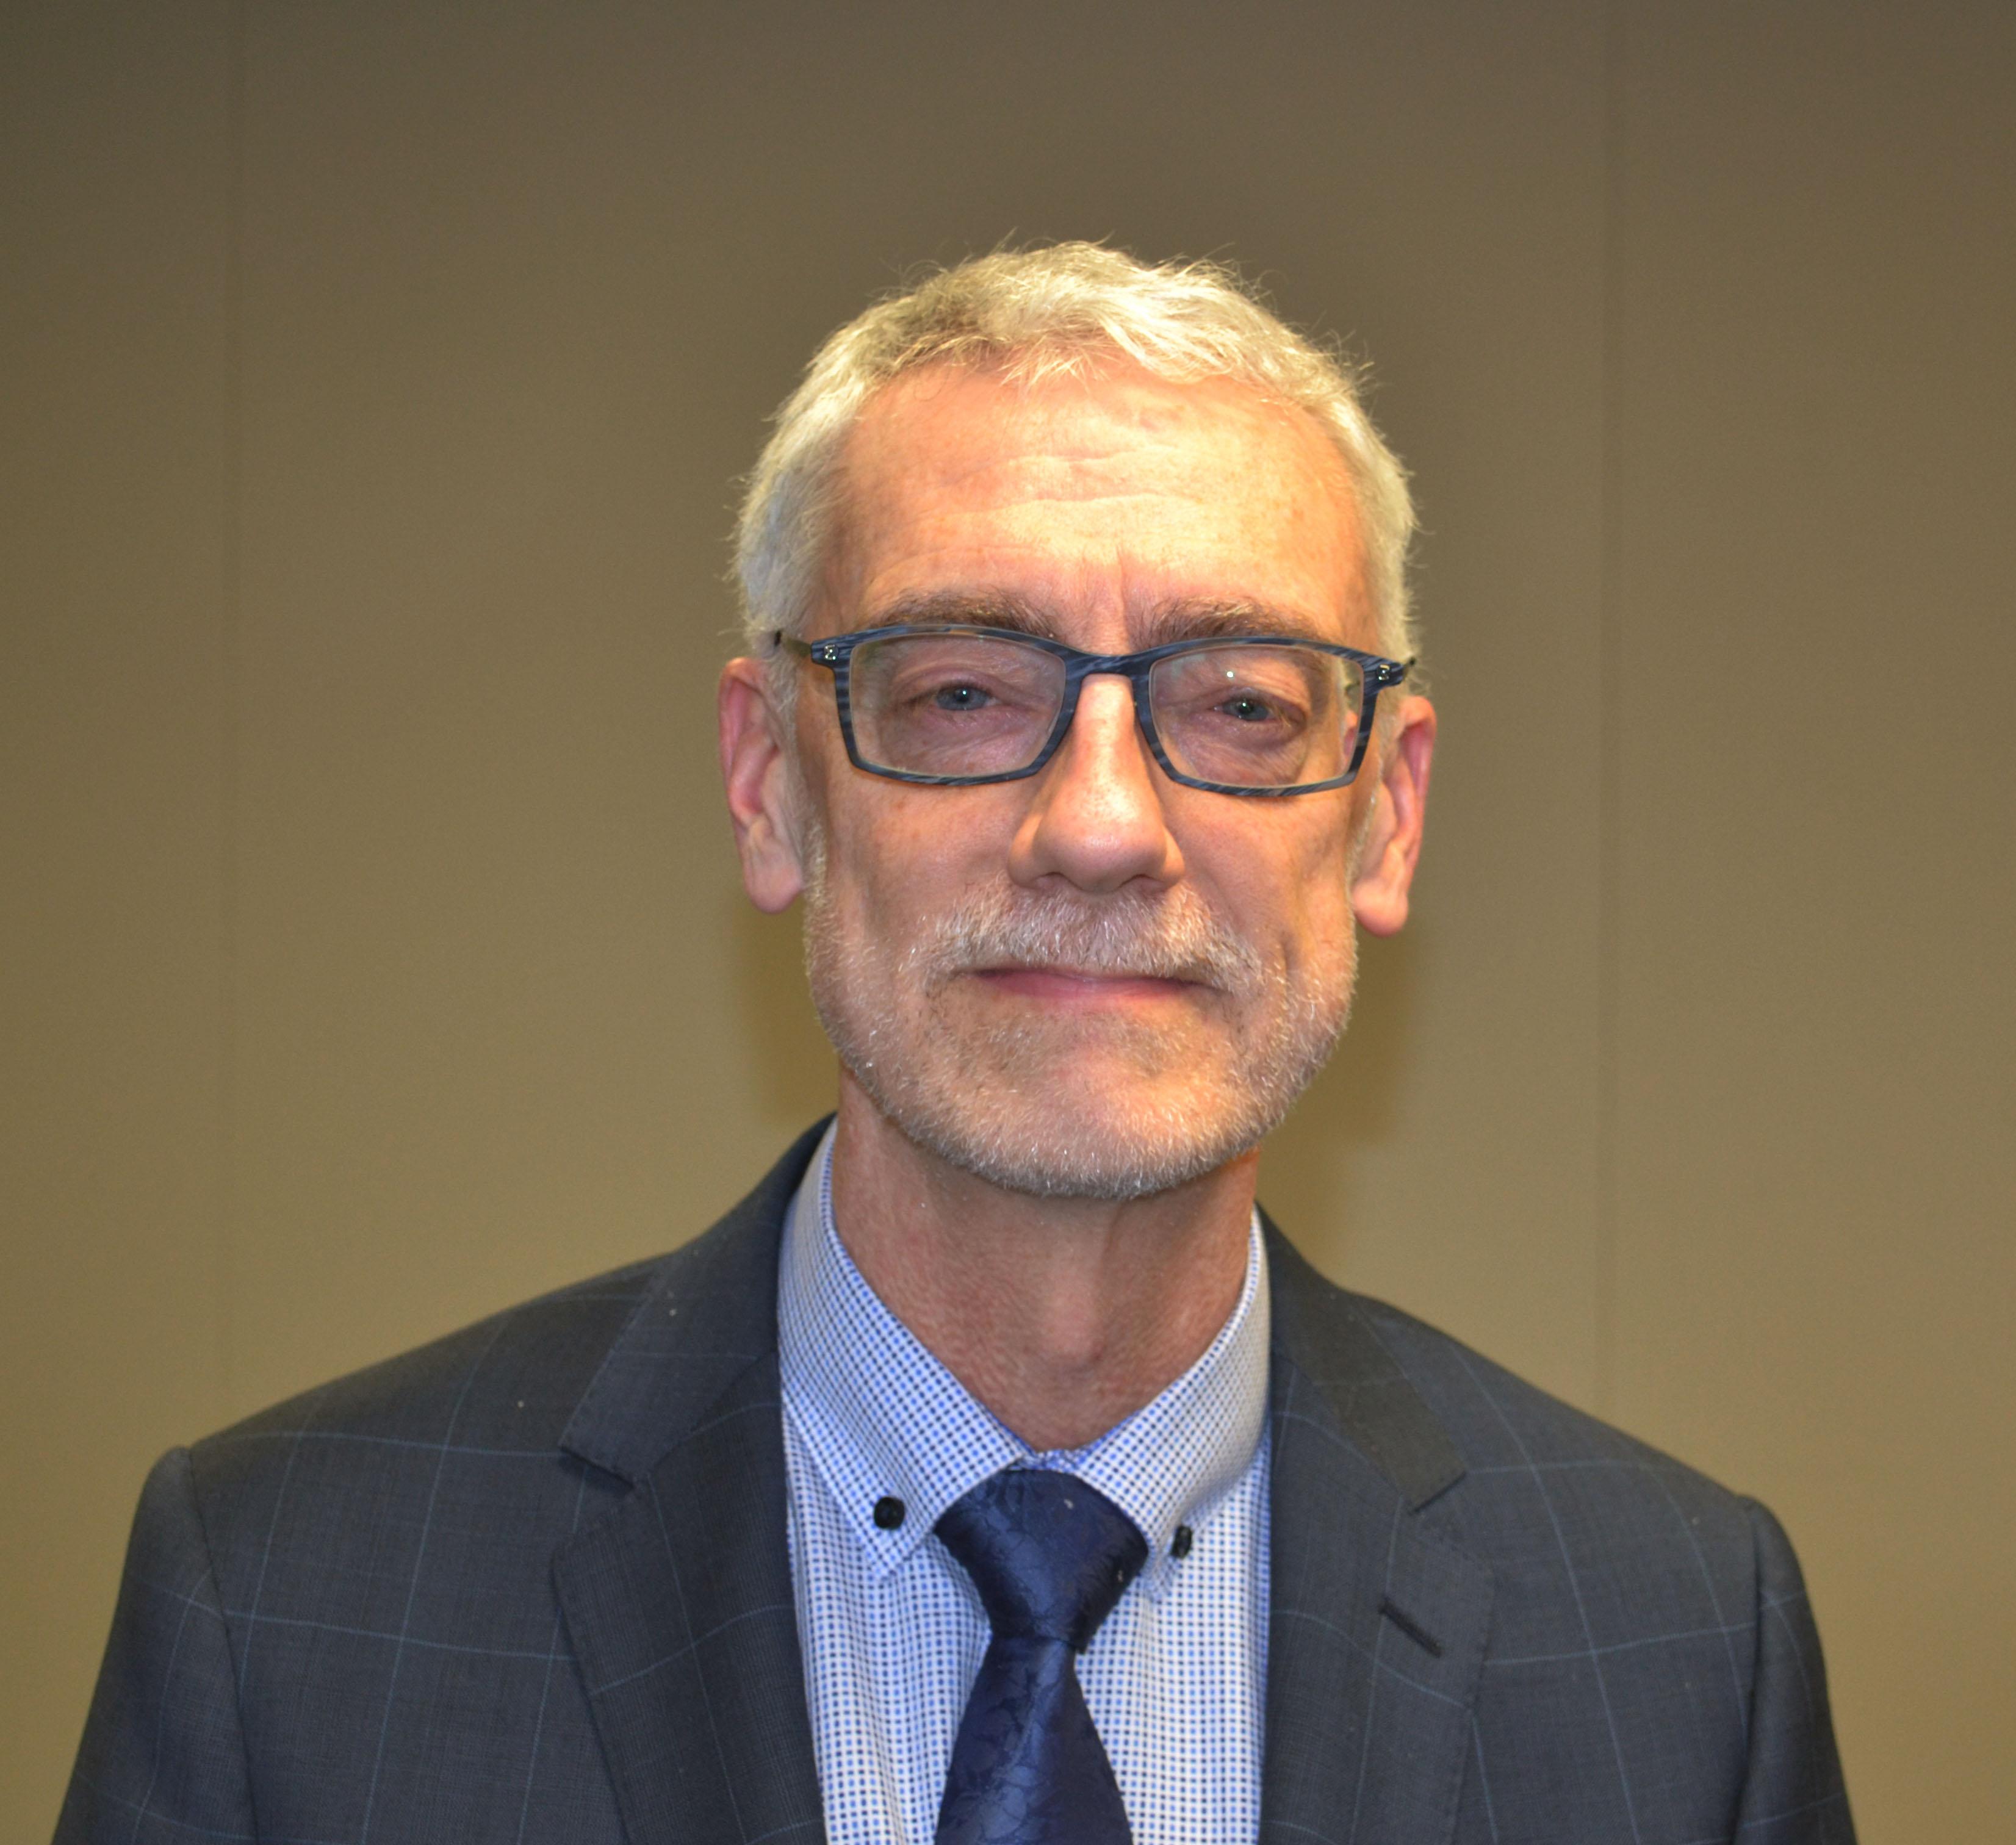 David Manicom